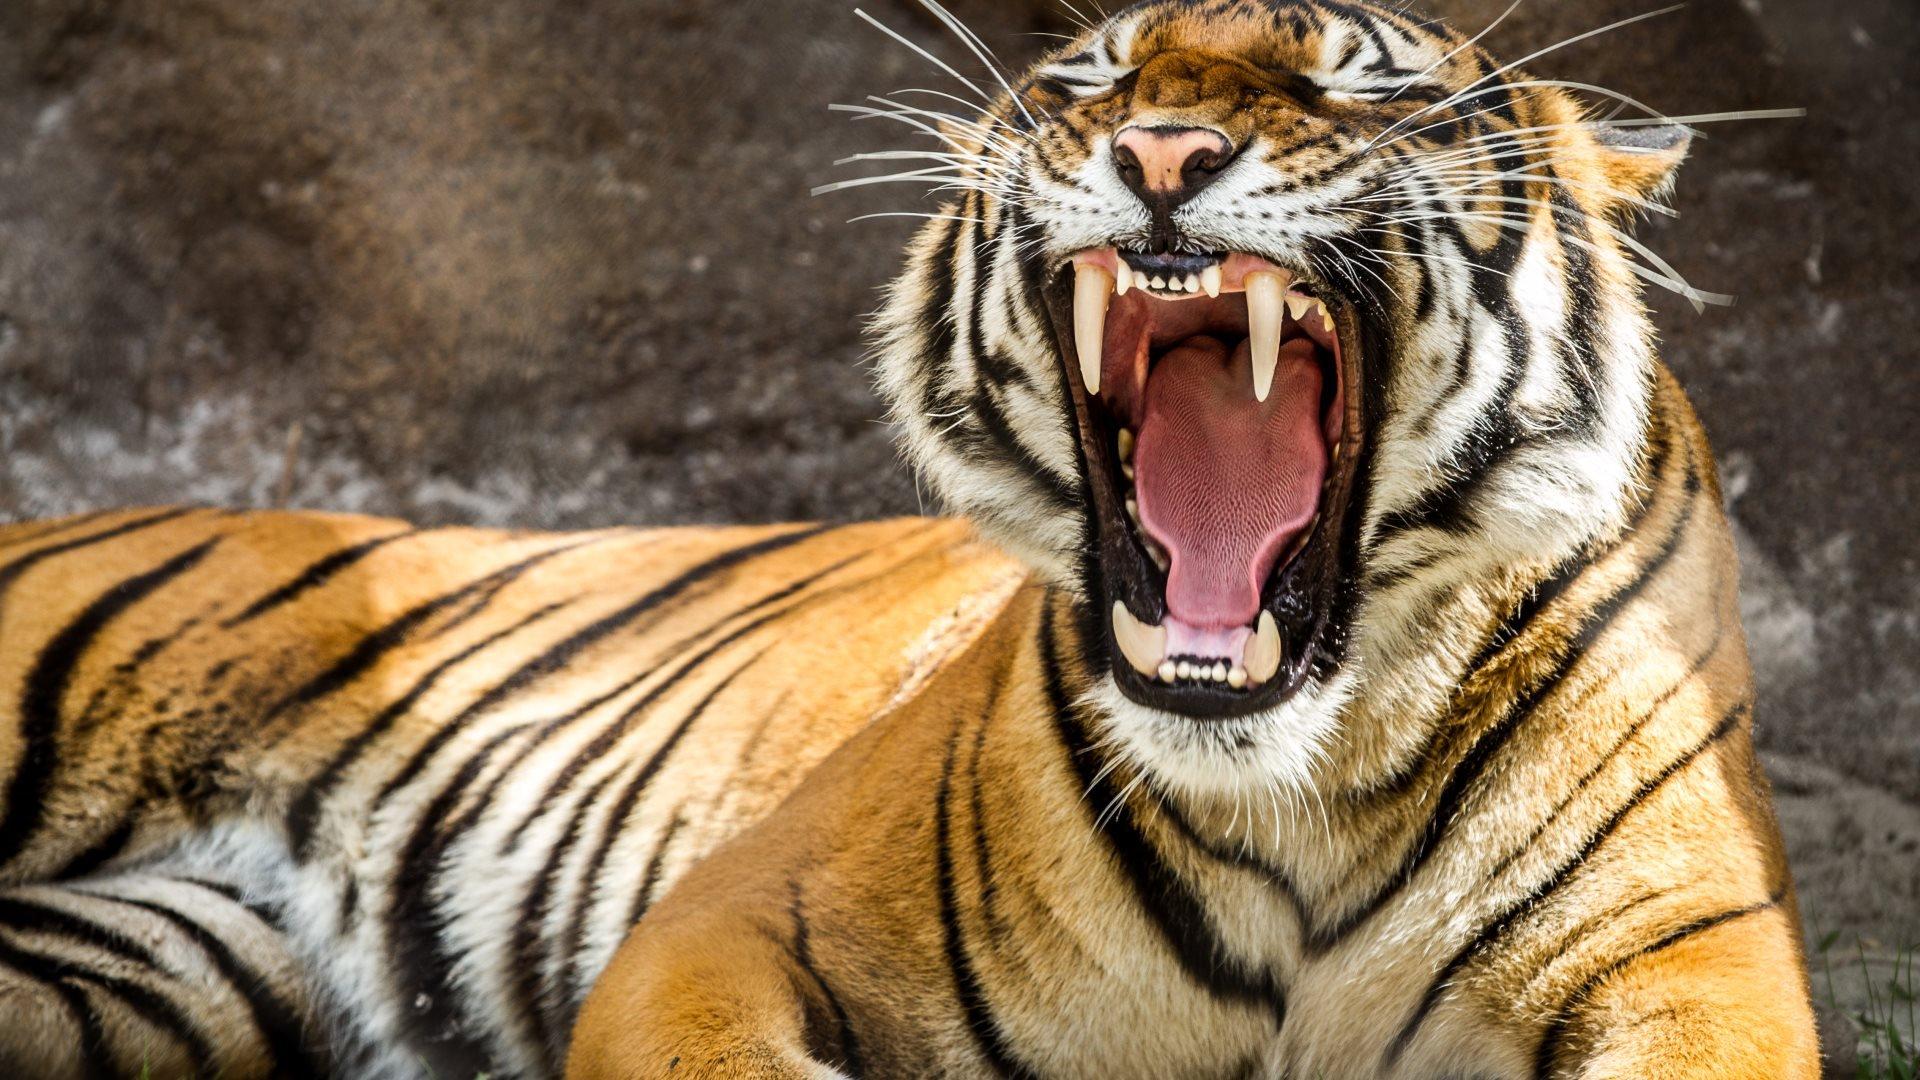 Espectaculares fotos de animales 72